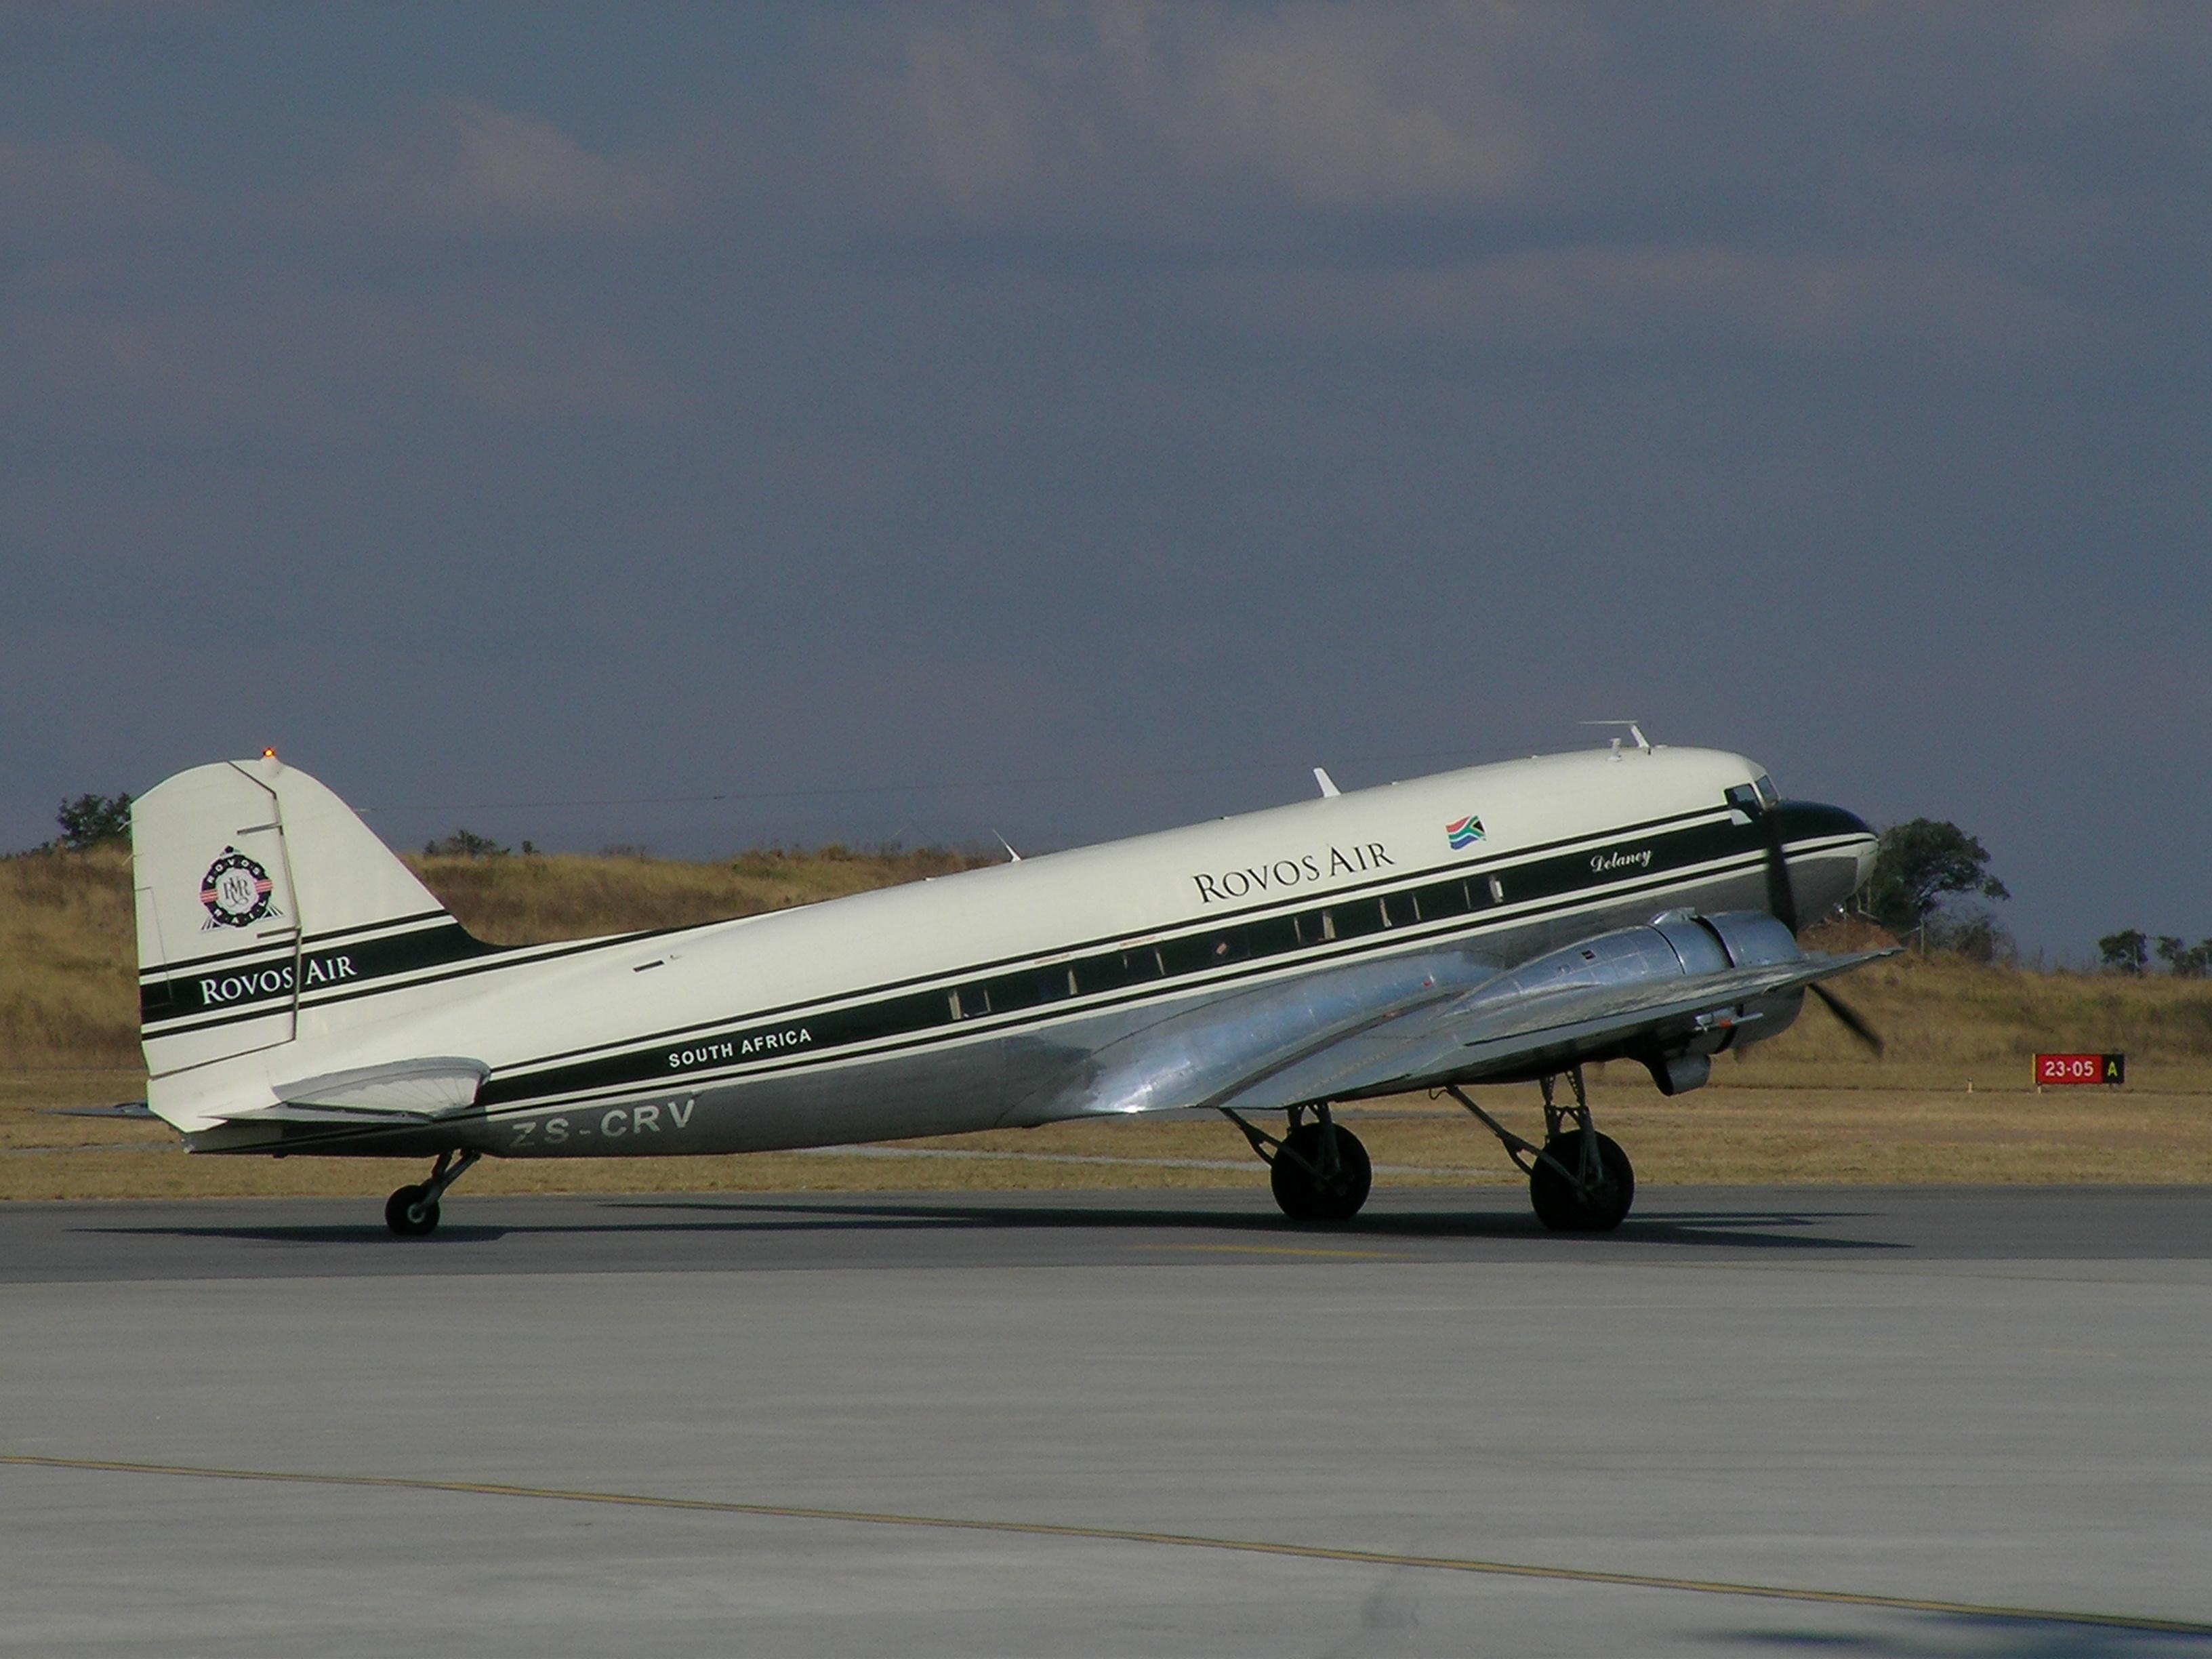 """""""У этого самолета до сих пор большое будущее"""", - в КБ """"Антонов"""" отмечают 70-ю годовщину первого полета АН-2 - Цензор.НЕТ 6979"""